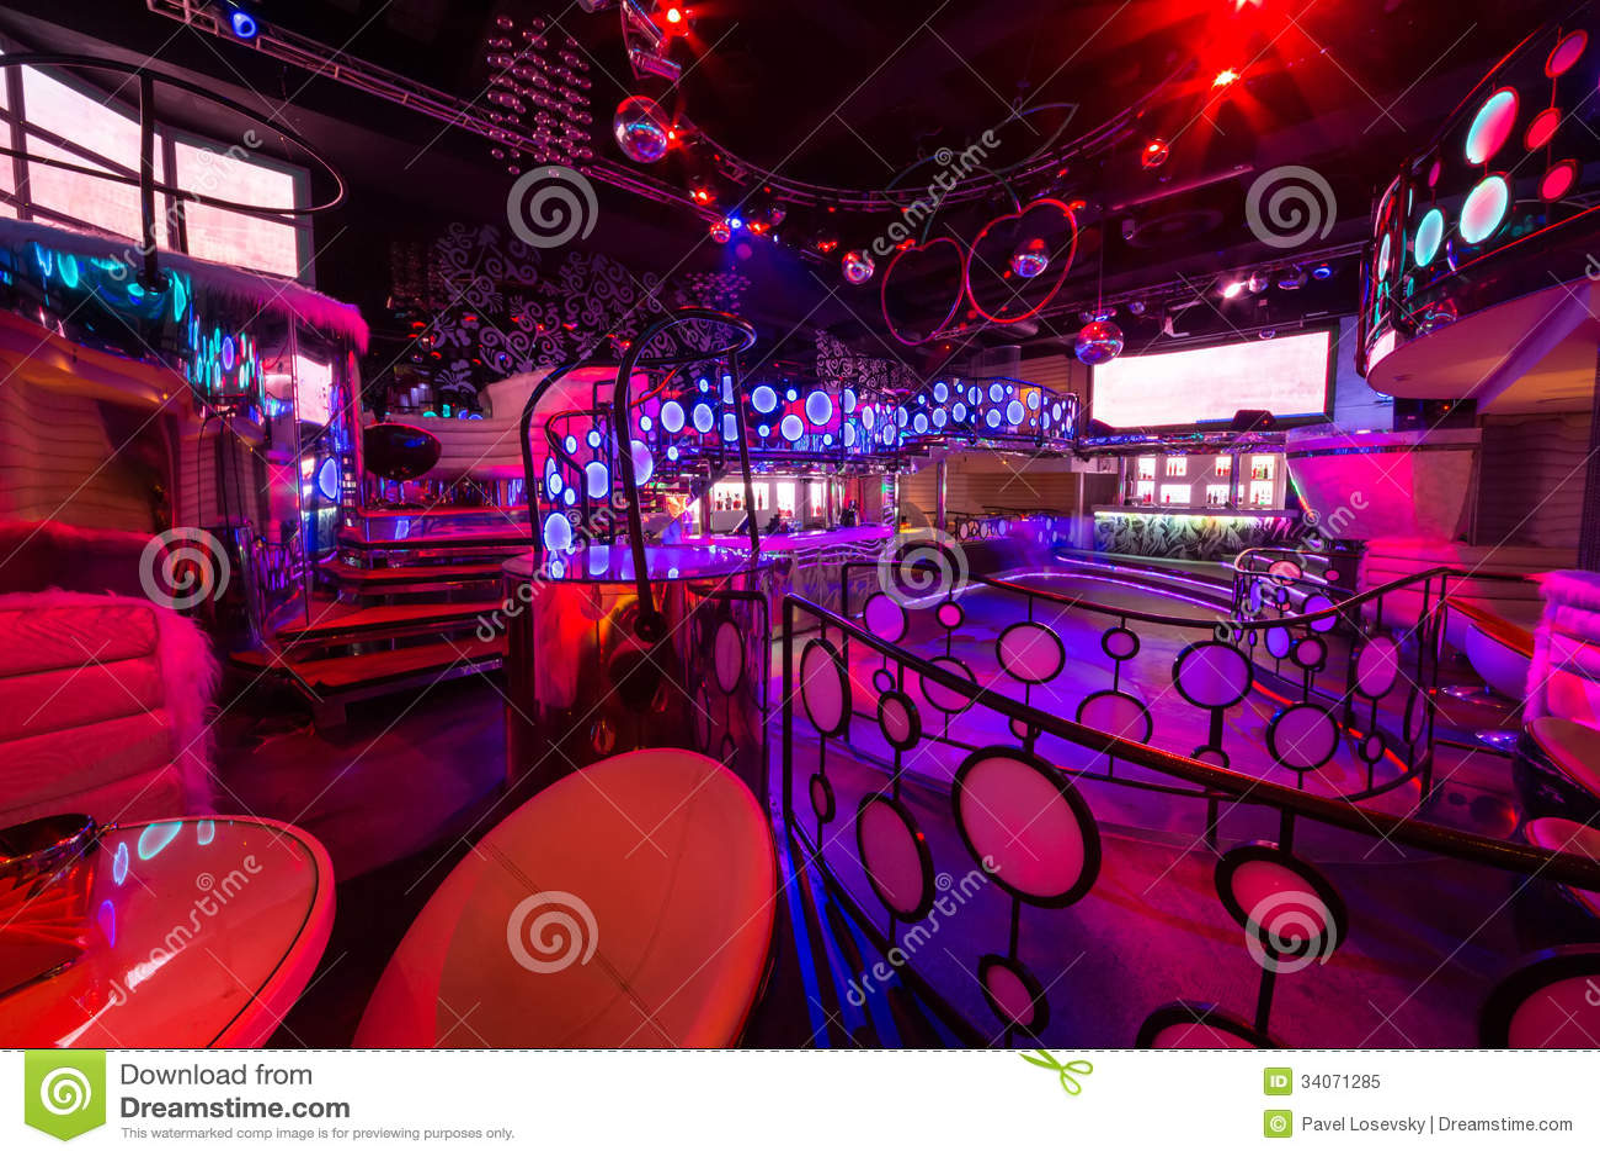 L 39 int rieur des salles de la bo te de nuit pacha image ditorial image - Interieur boite de nuit ...